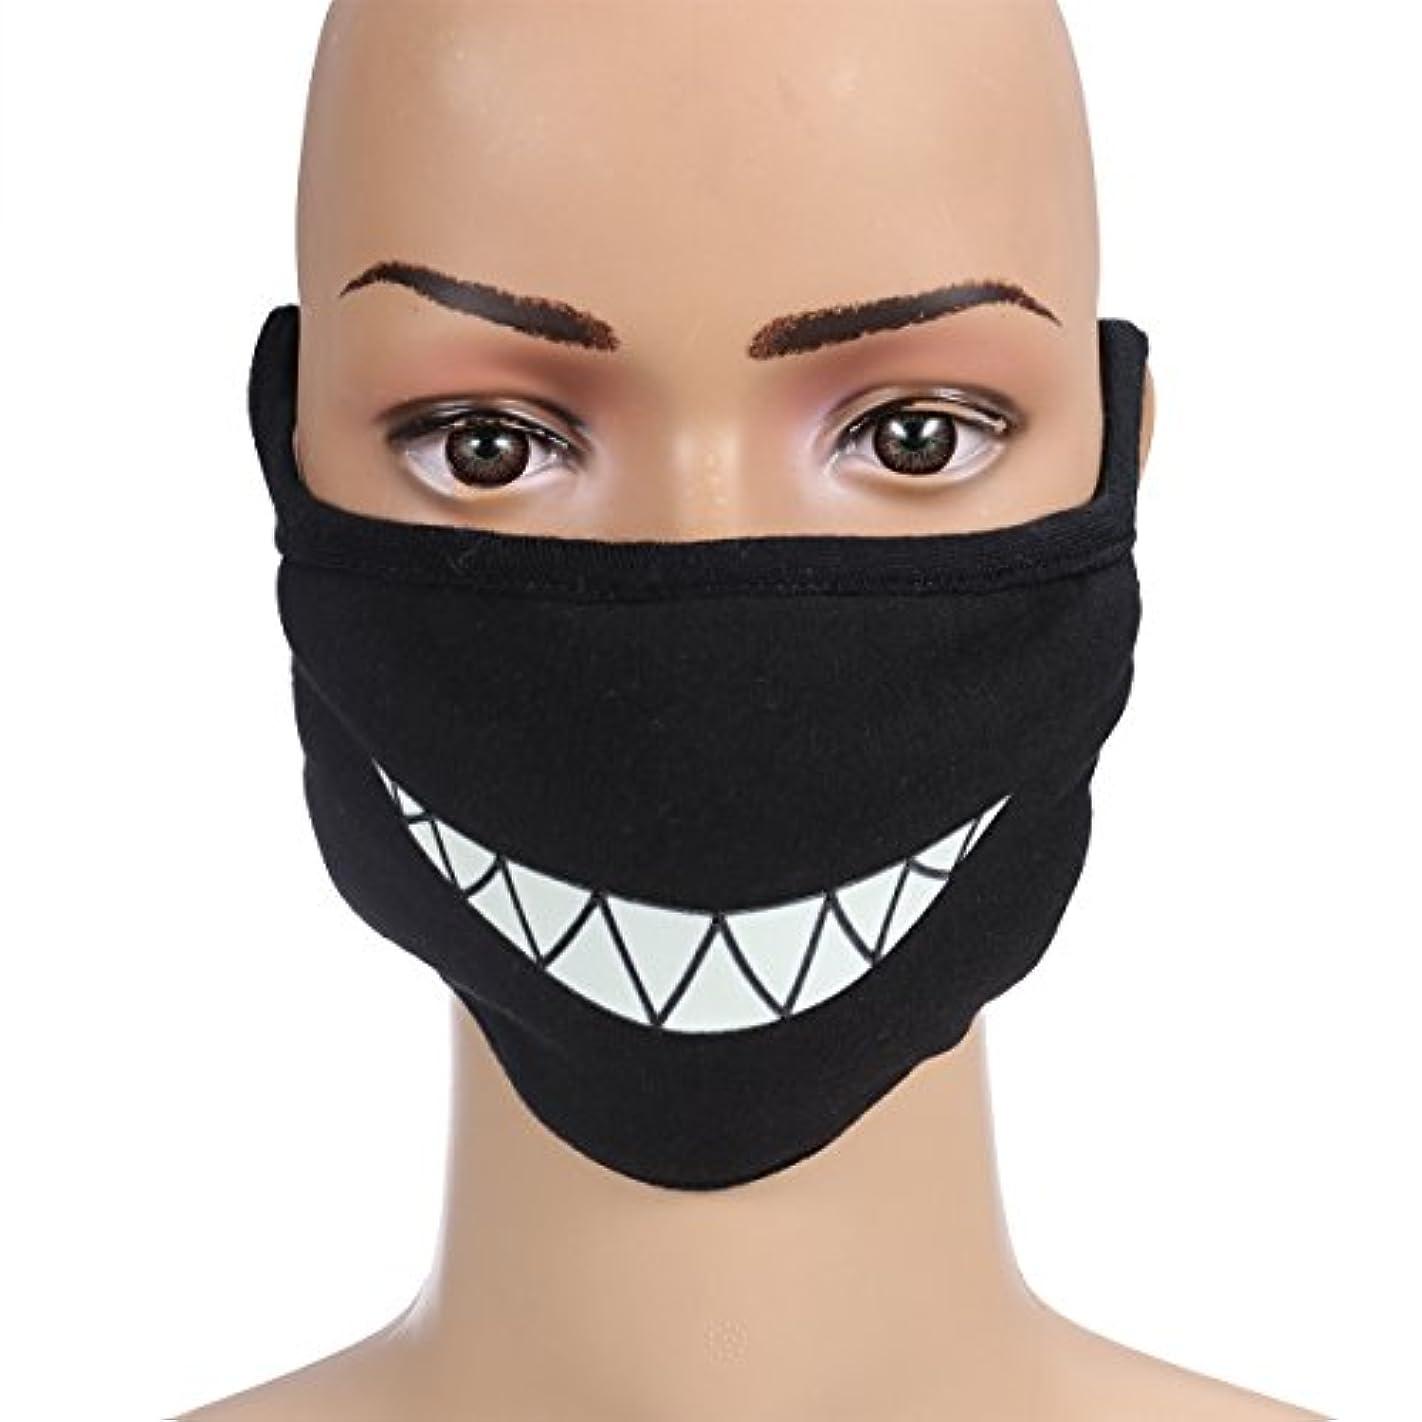 対ブラジャー記事Toyvian ハロウィンコスプレ用防塵口マスク綿の歯発光口マスク